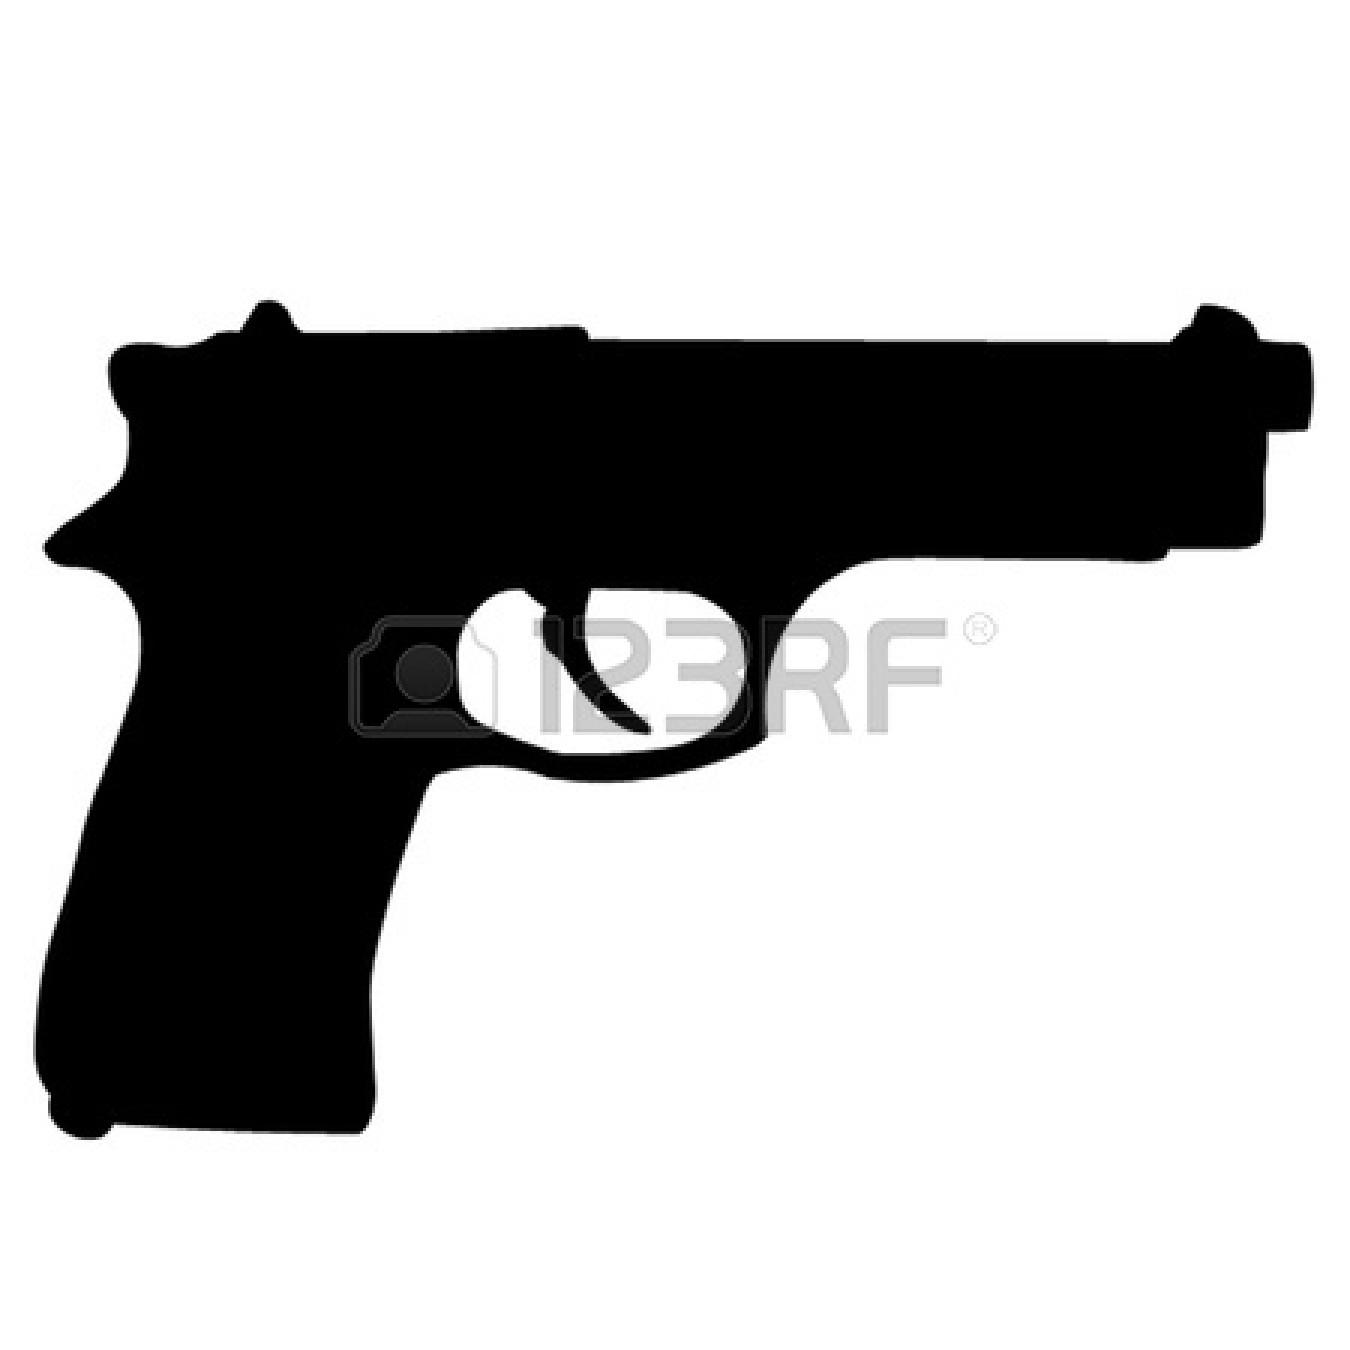 Shoot clipart gun Download Art – Clip Art